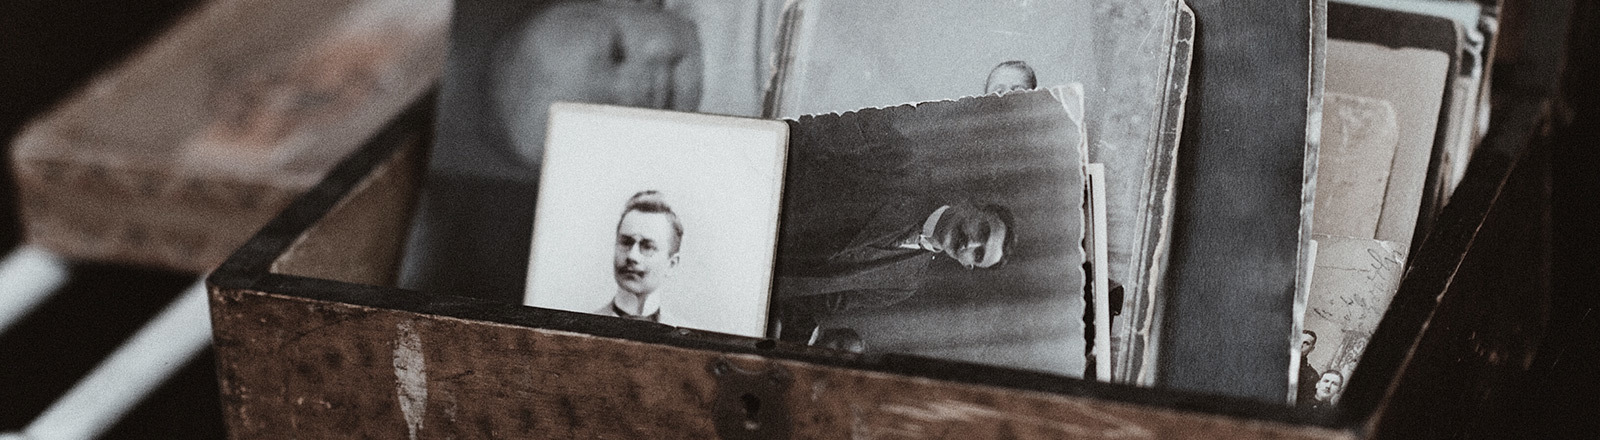 Kiste mit alten Fotos